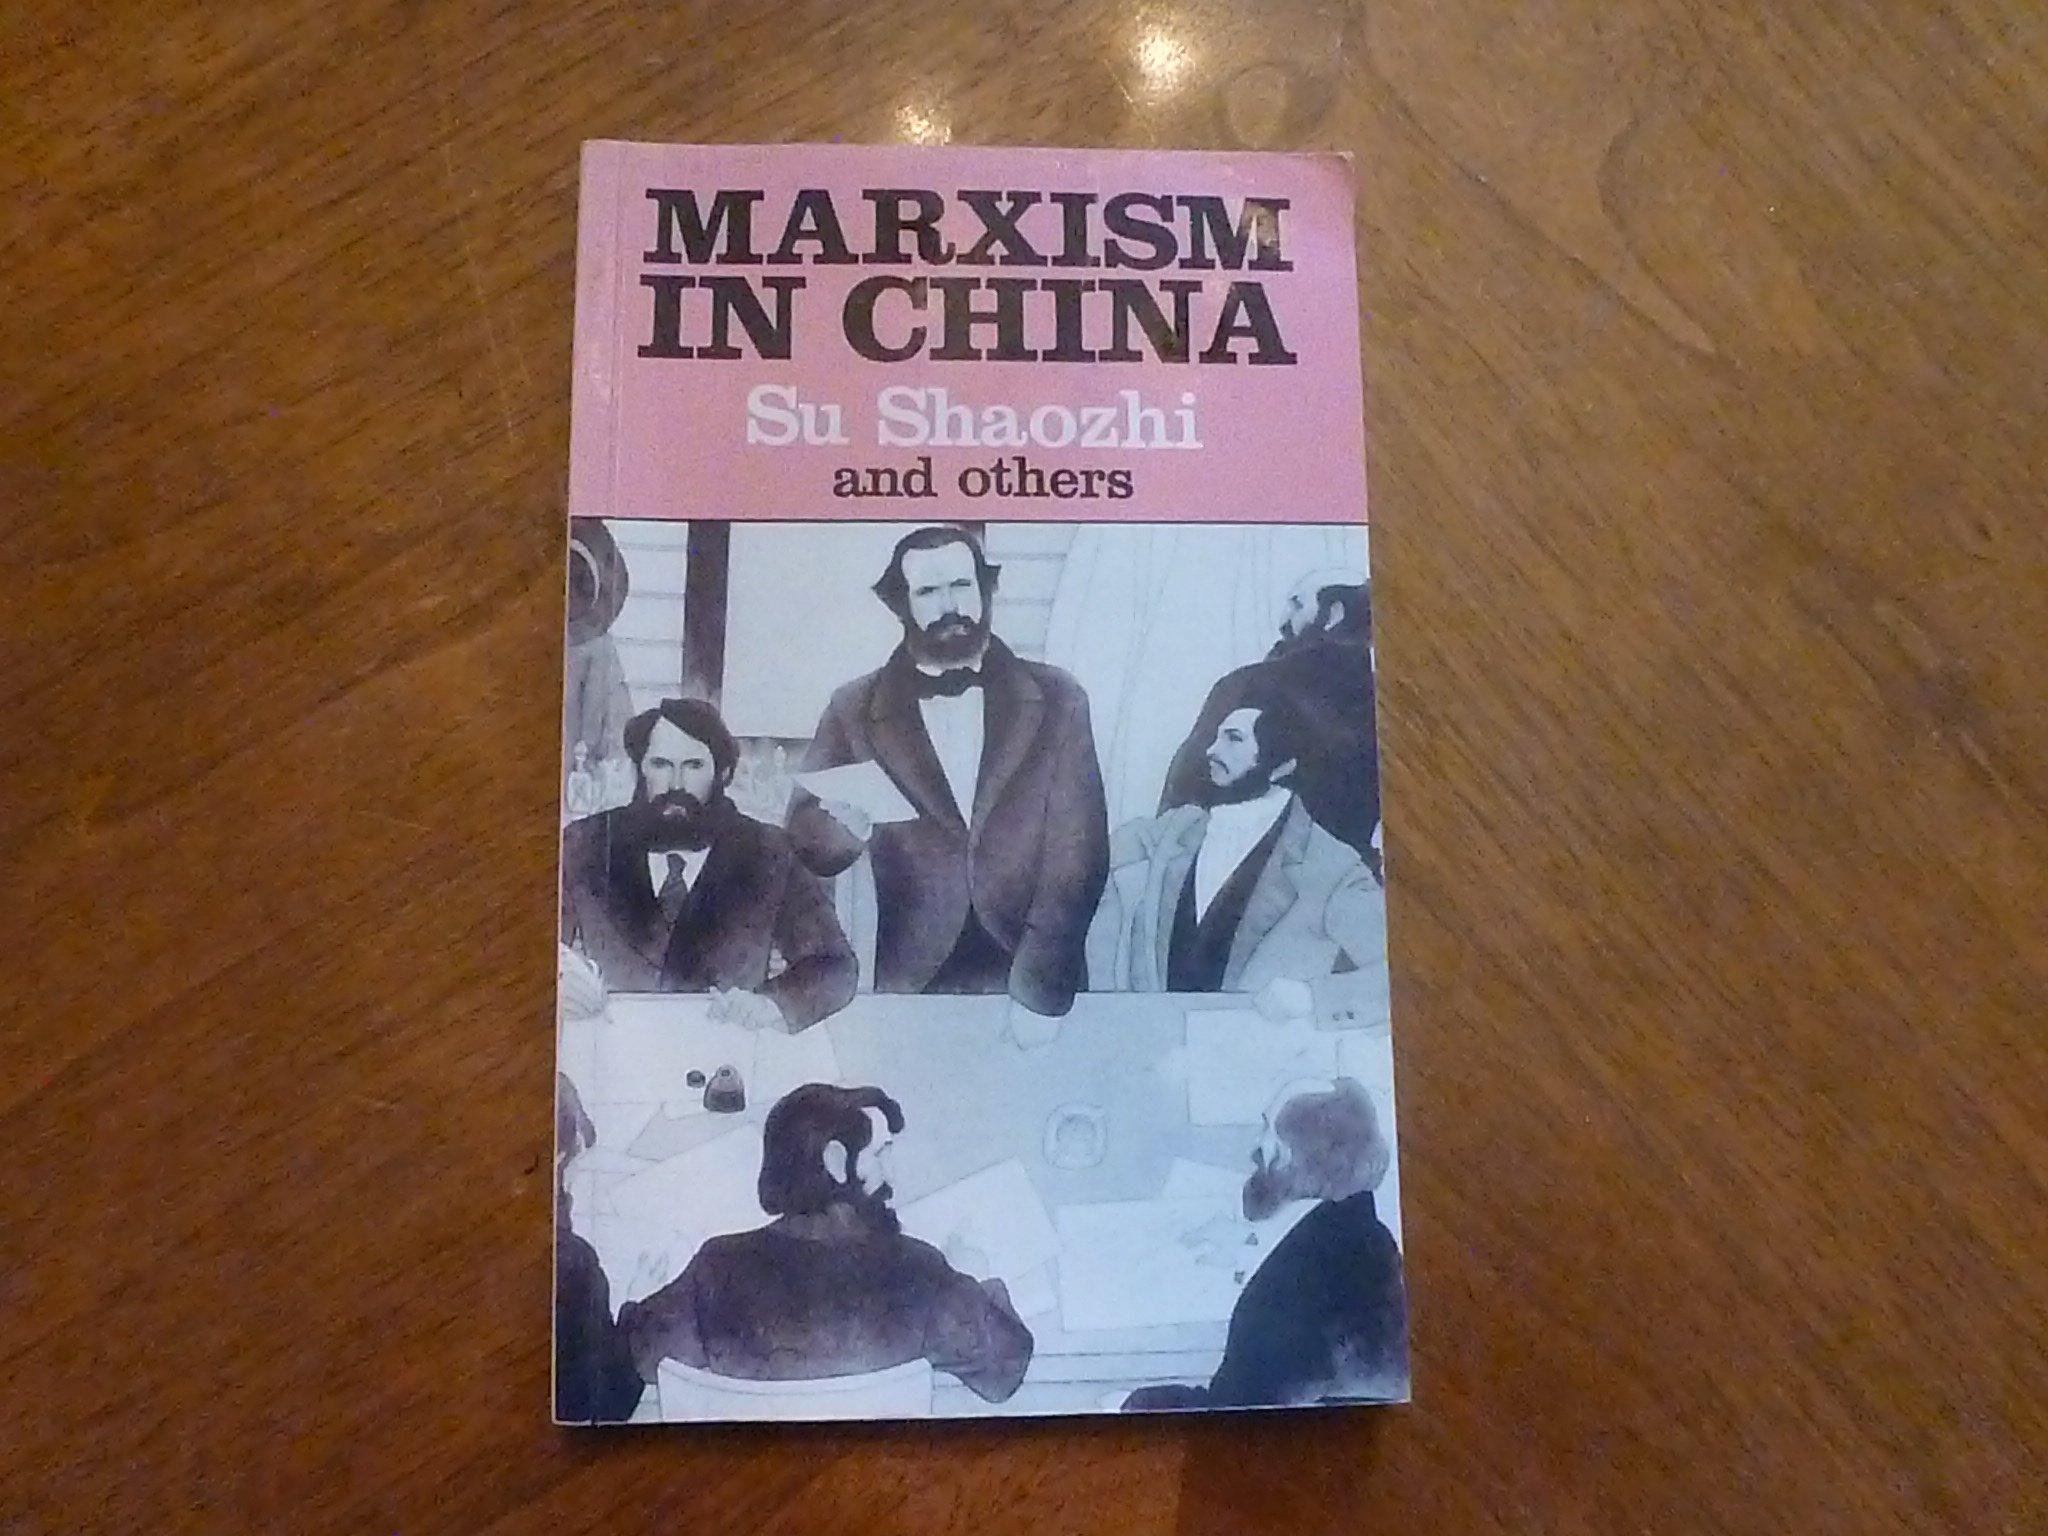 Marxism in China, Dakun, Wu; Renqian, Cheng; Shaozhi, Su; Xin, Ru